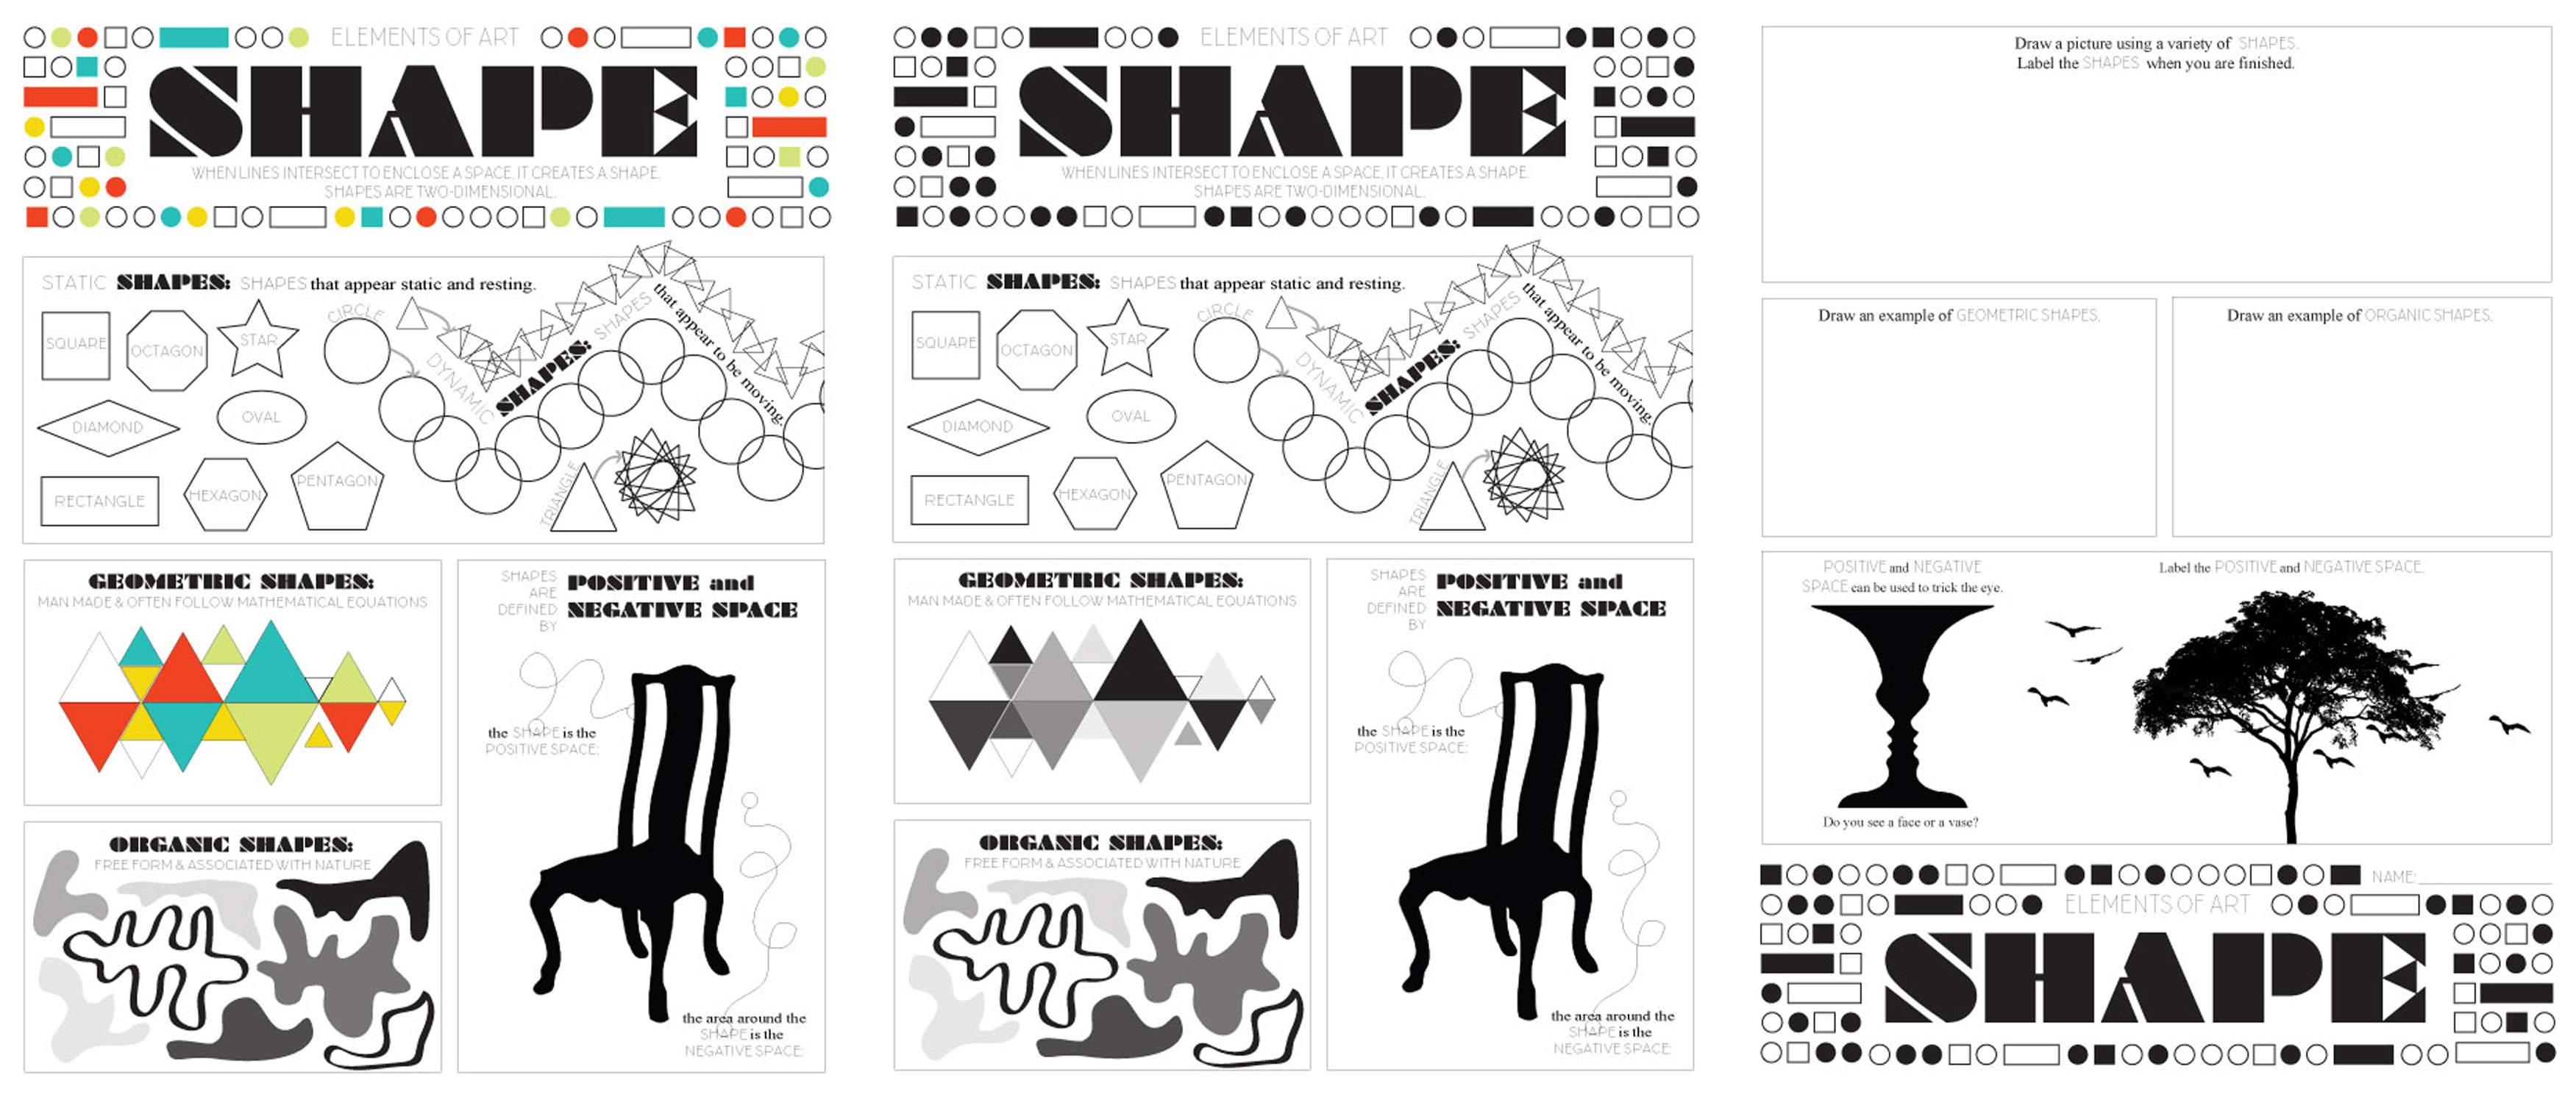 Elements of Art Worksheet Pack TPT Sale Look Between the Lines – Elements of Art Worksheet